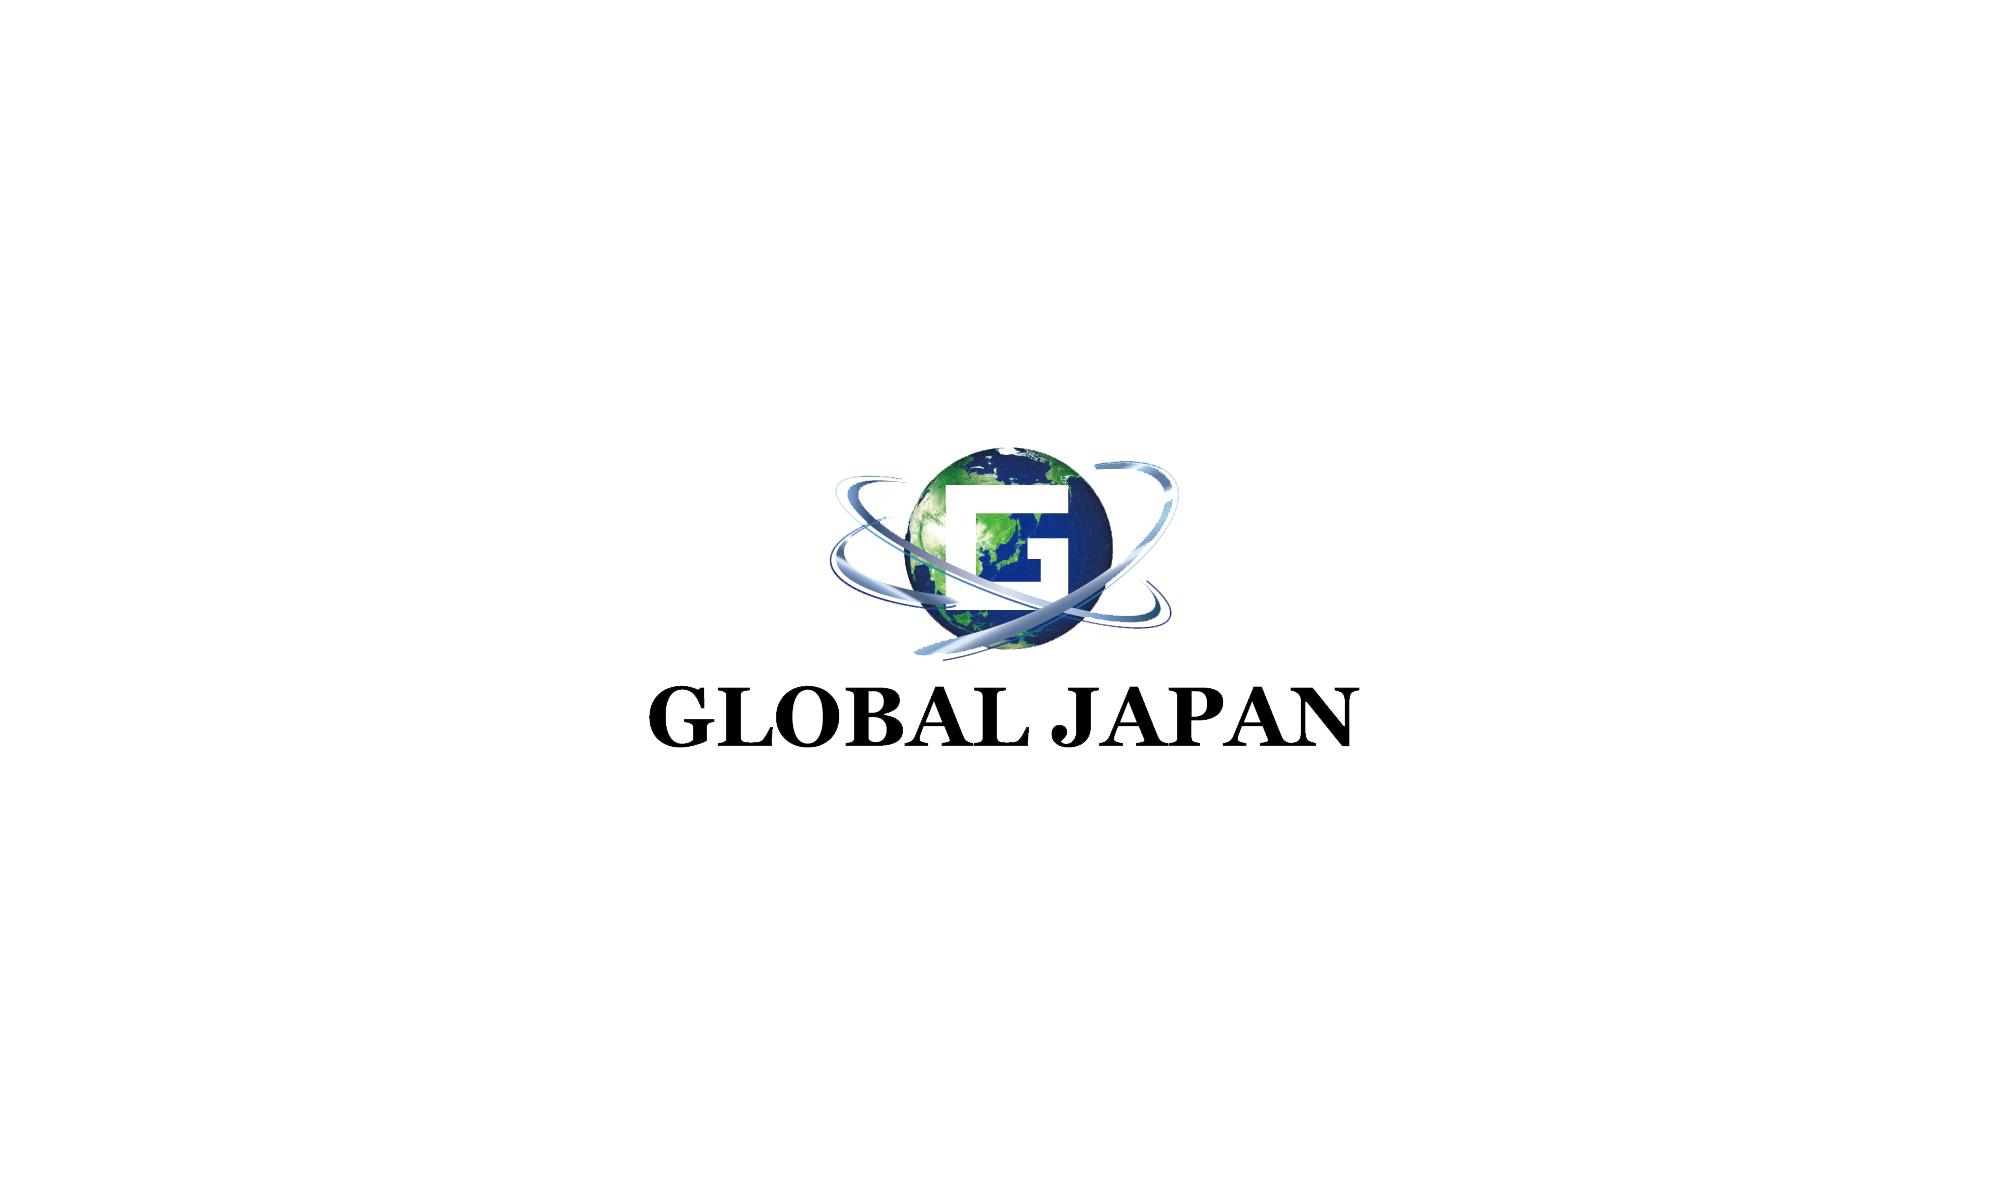 株式会社グローバルジャパン